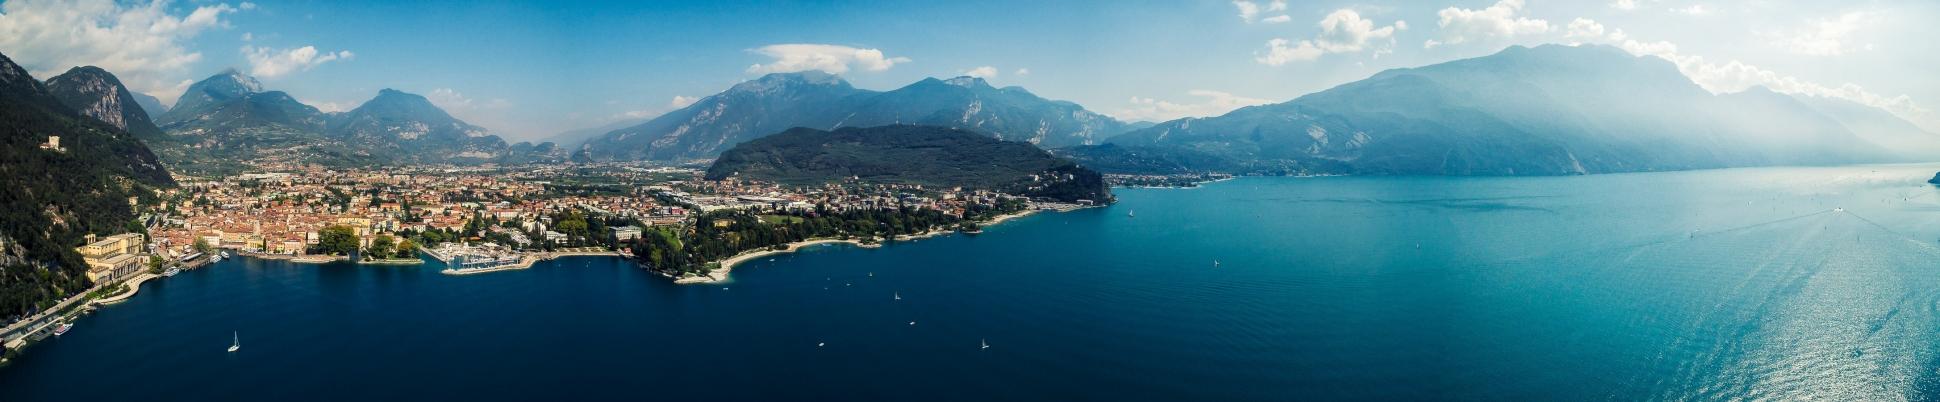 Luftbild Riva del Garda